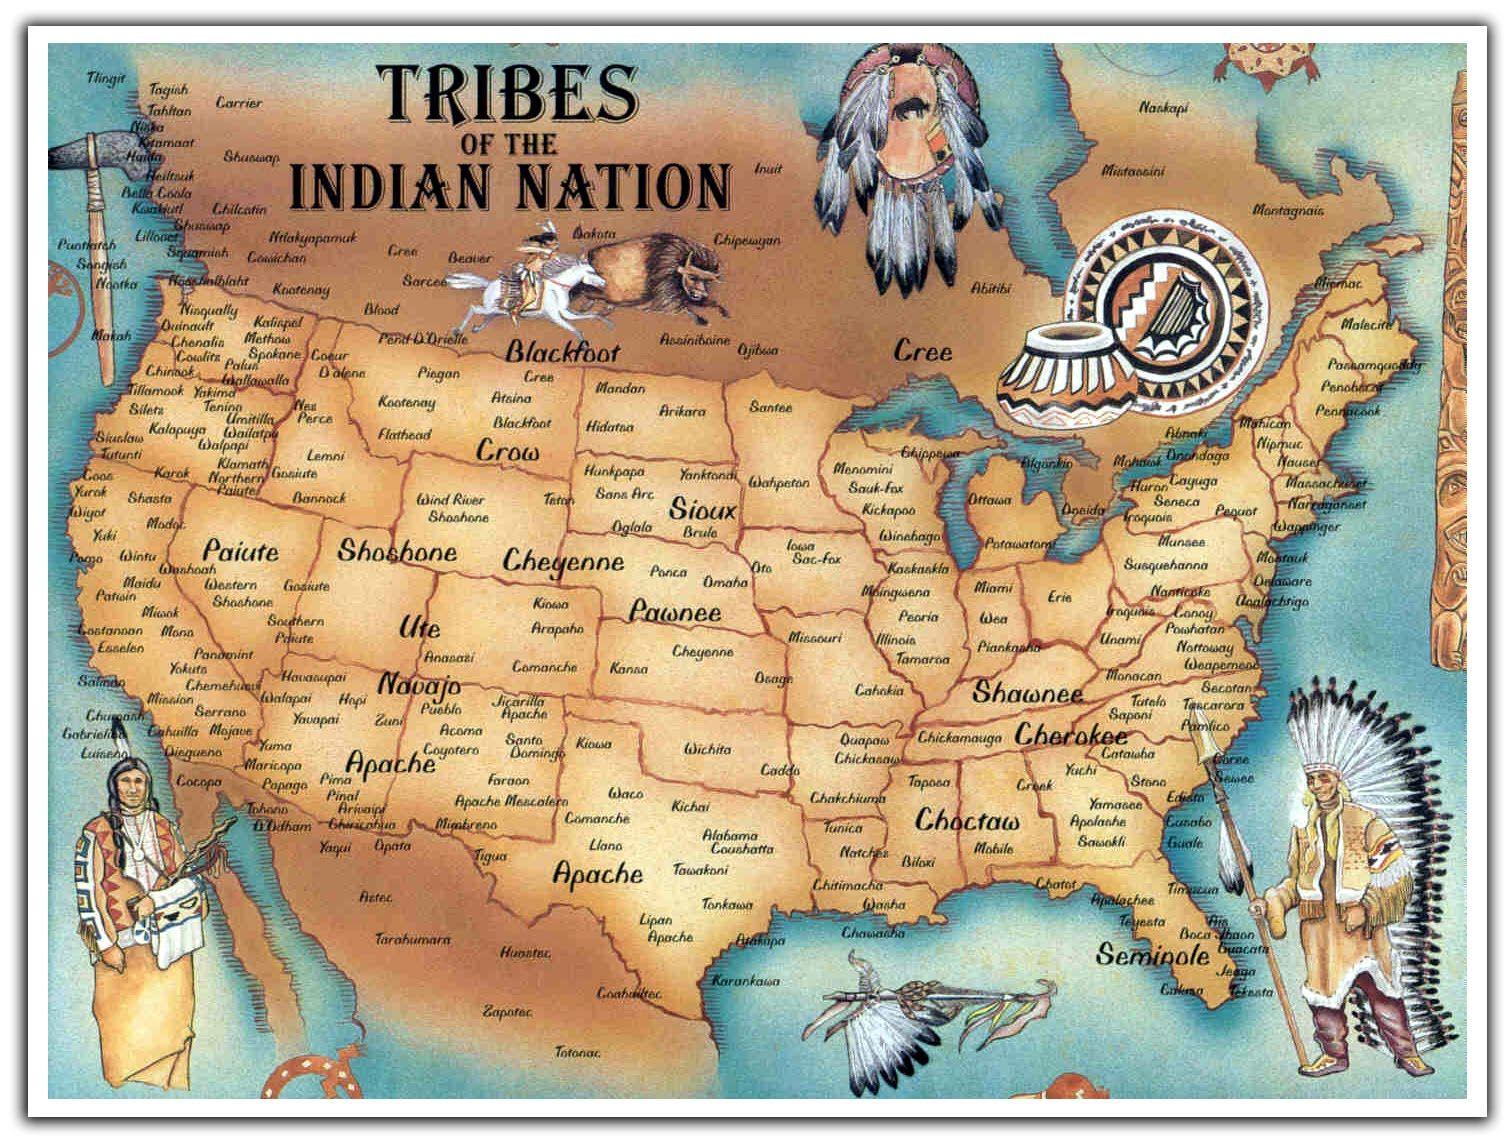 Mapas Indios Norteamericanos Buscar Con Google Historia De Los Nativos Americanos Nativos Americanos Indios Norteamericanos